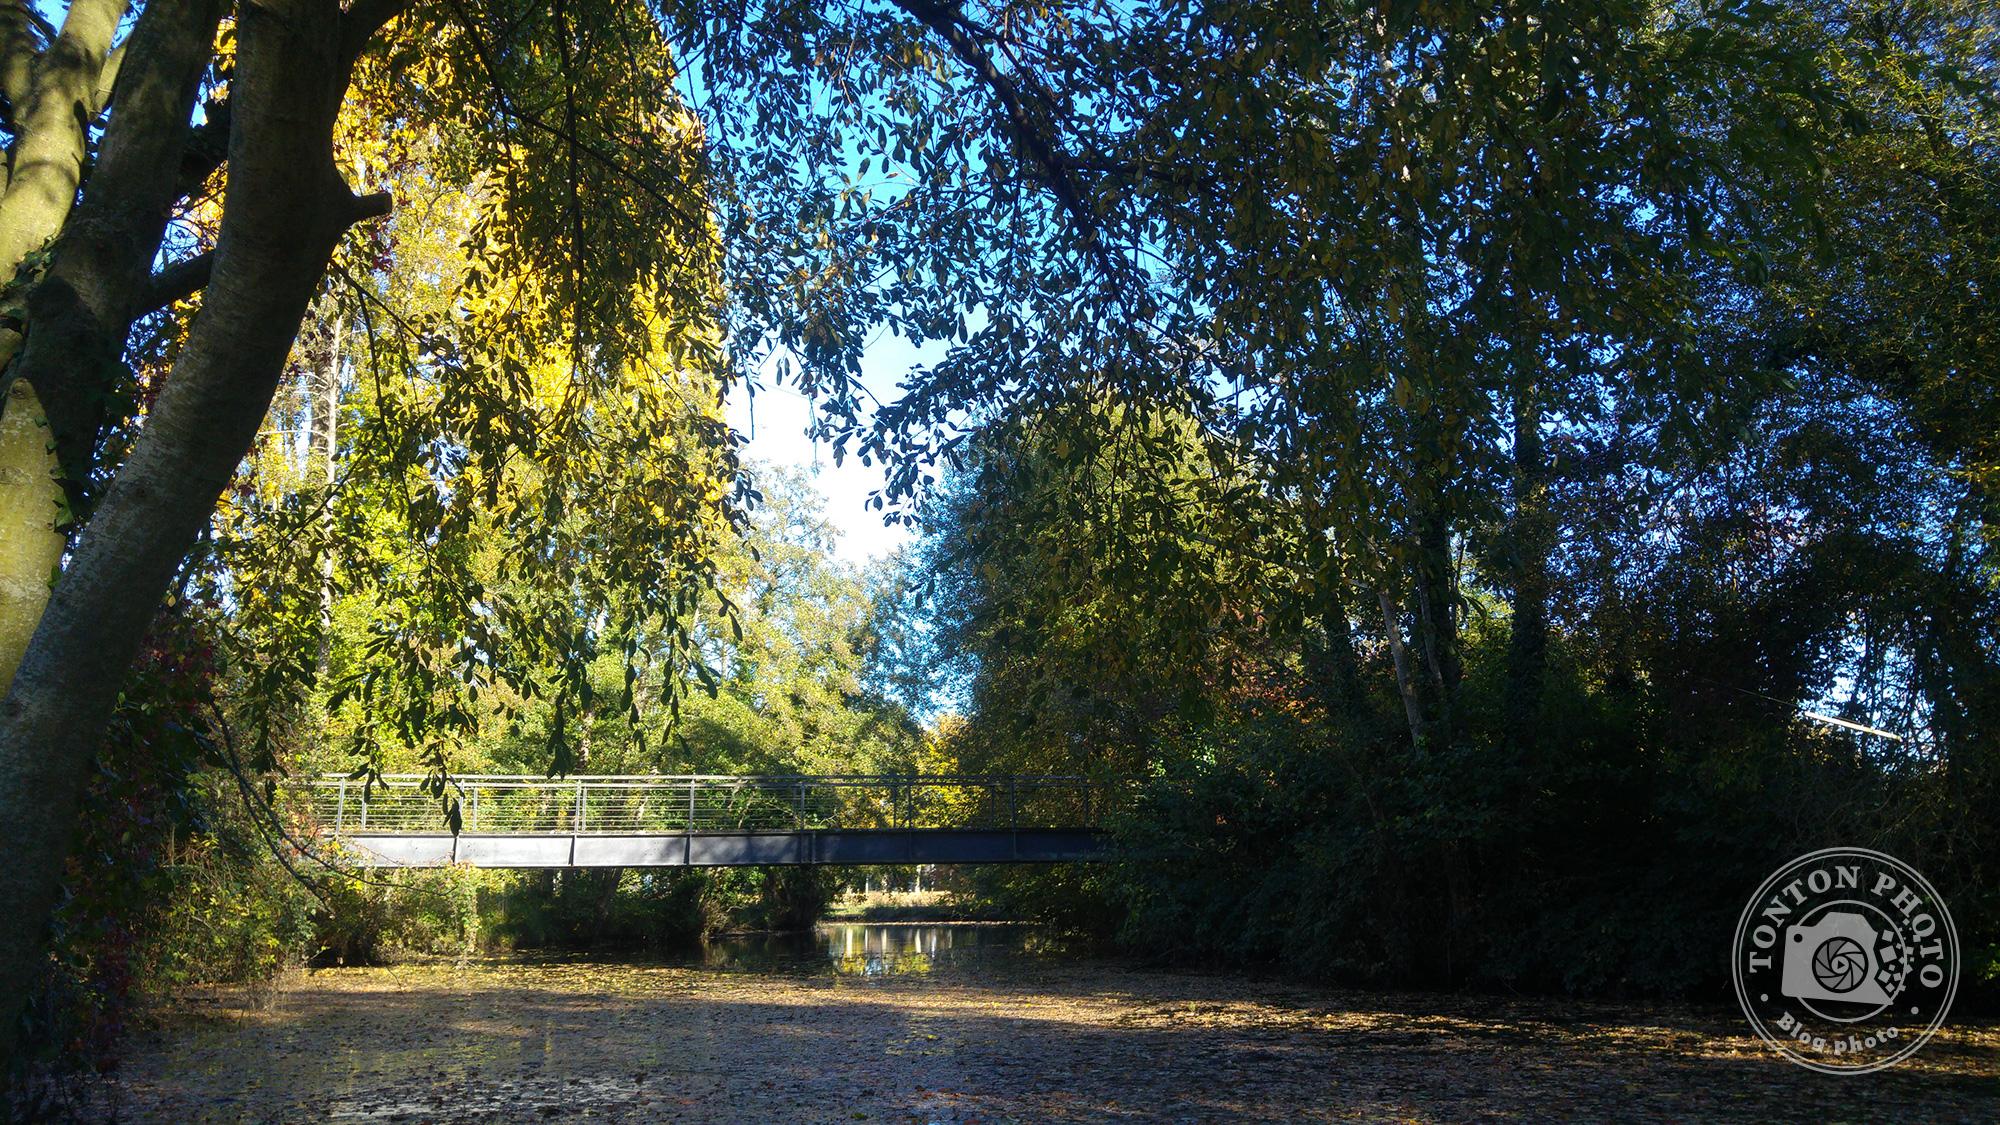 Test du photophone LG G4 : Pont sur une petite rivière près de Rennes (Bretagne, France). F/1.8 - 1/500 - ISO 100 © Clément Racineux / Tonton Photo